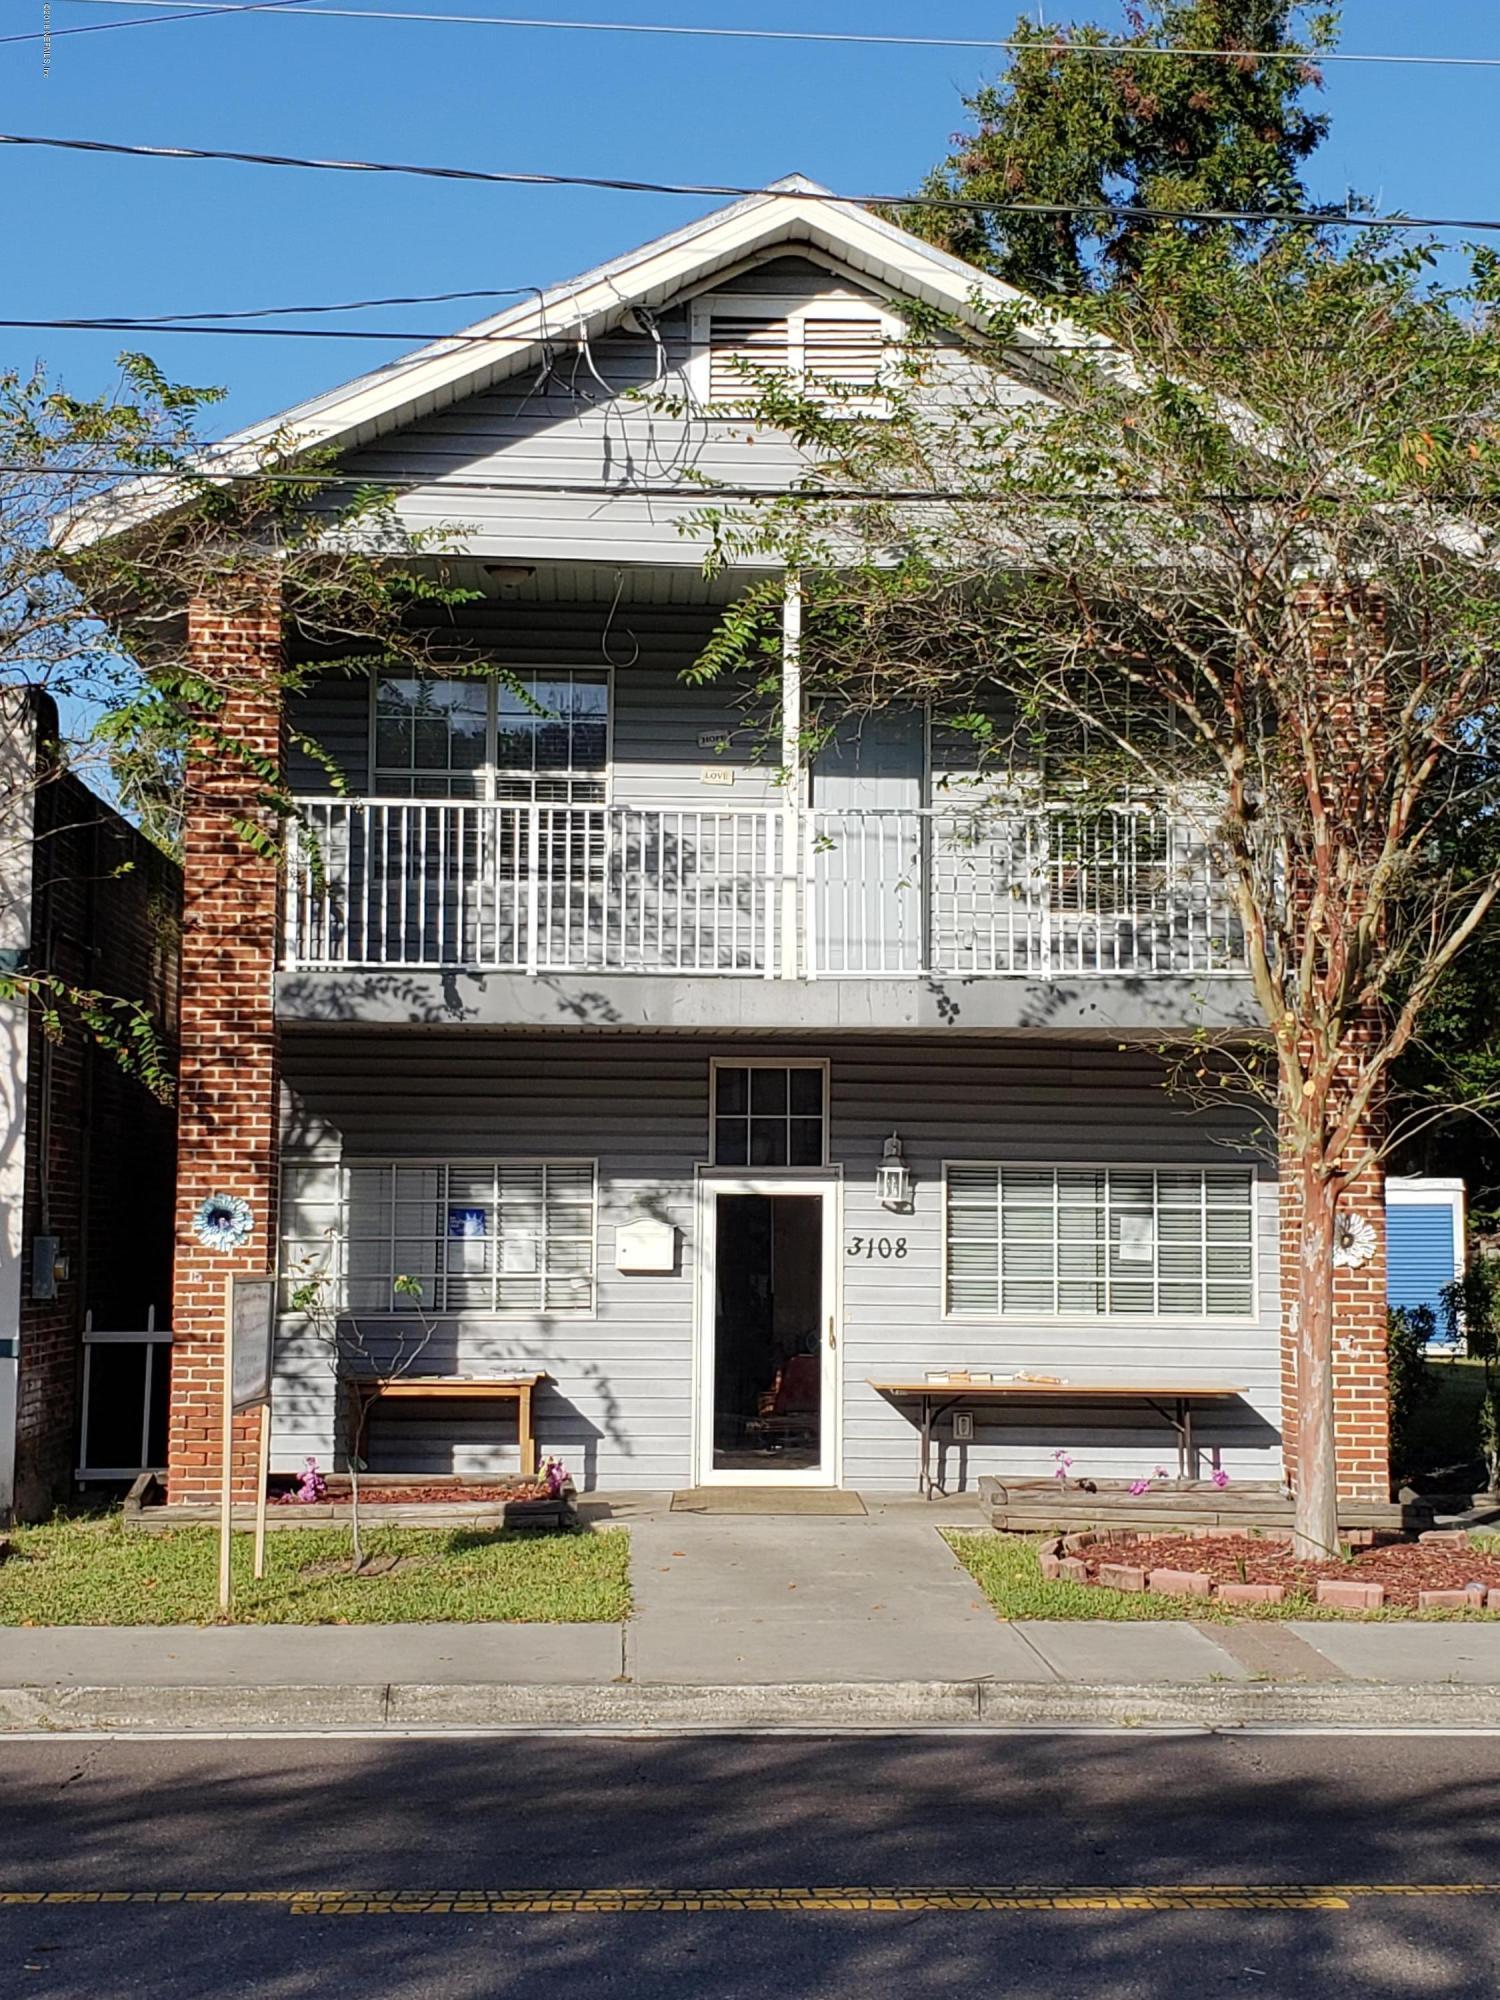 3108 MYRTLE, JACKSONVILLE, FLORIDA 32209, ,Commercial,For sale,MYRTLE,962885